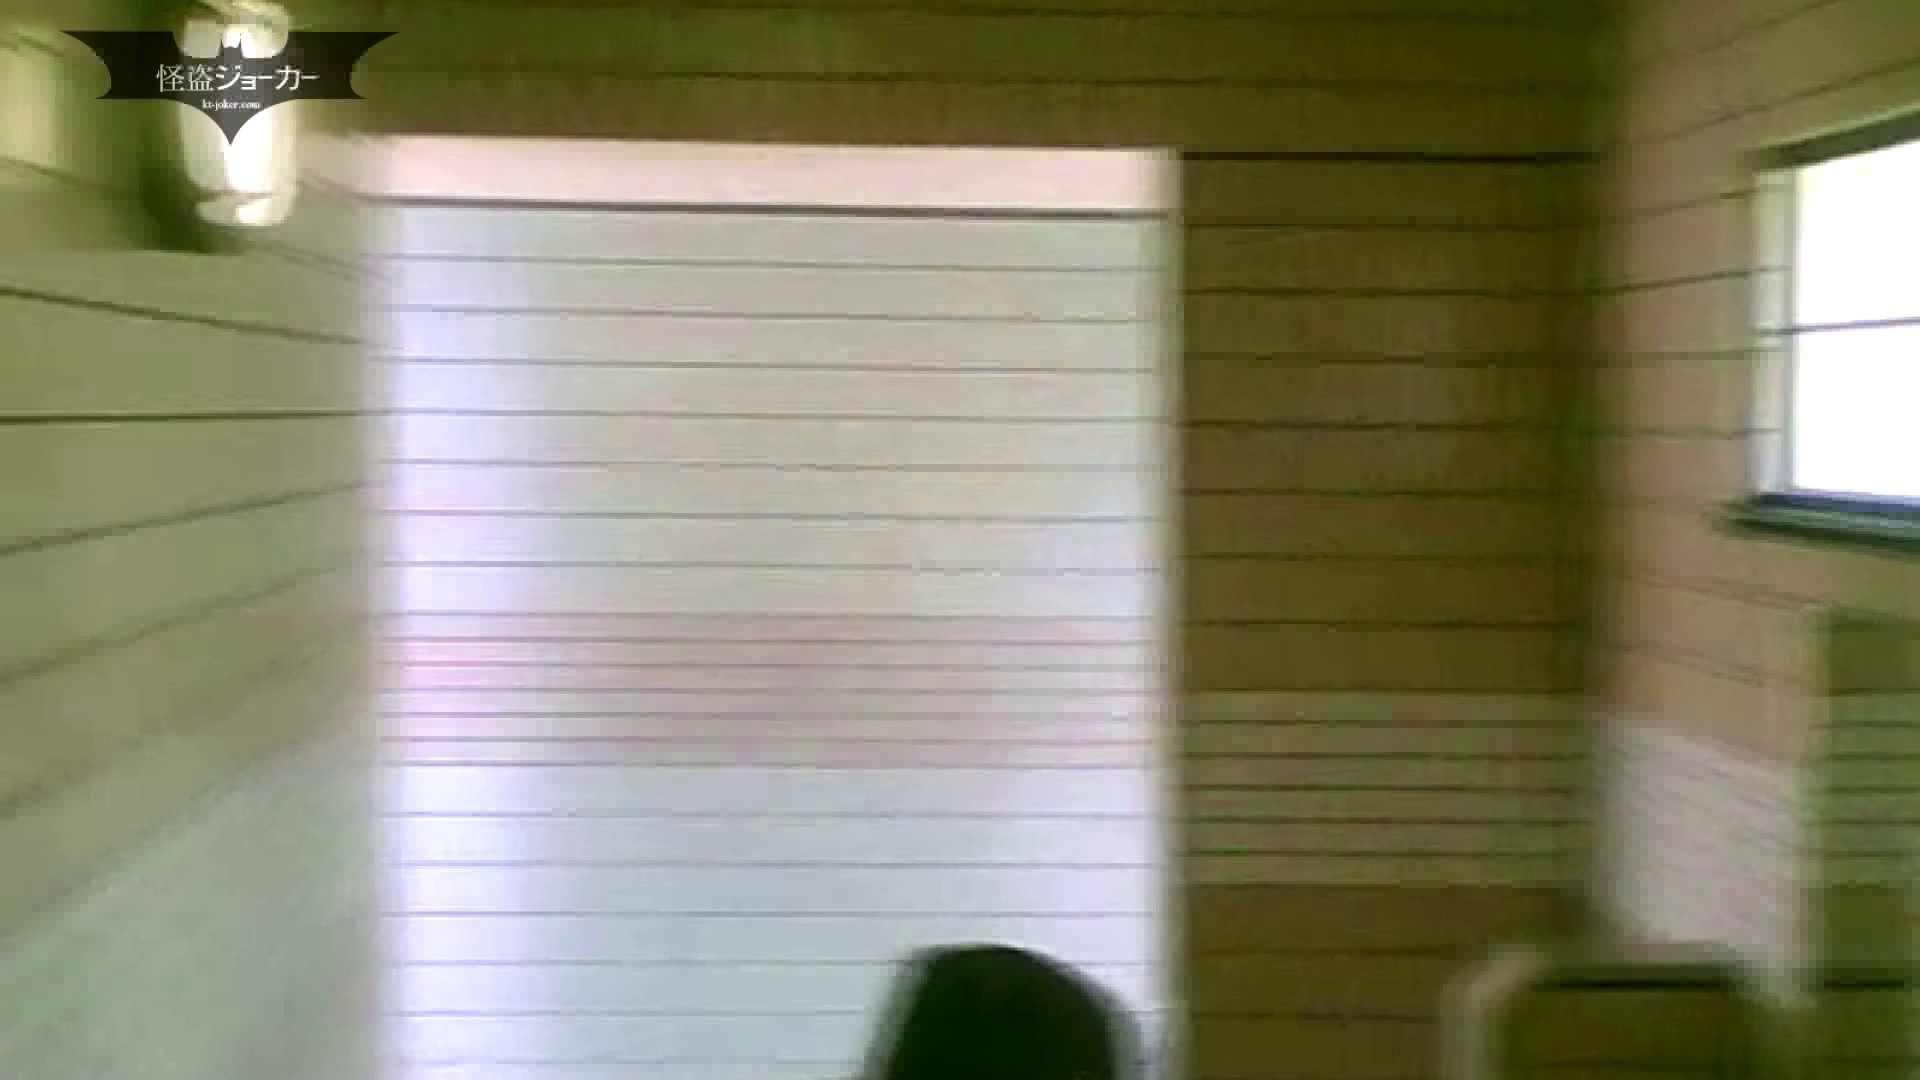 夏の思い出浜辺トイレ盗撮Vol.05 和式で踏ん張り中 AV動画キャプチャ 106連発 95